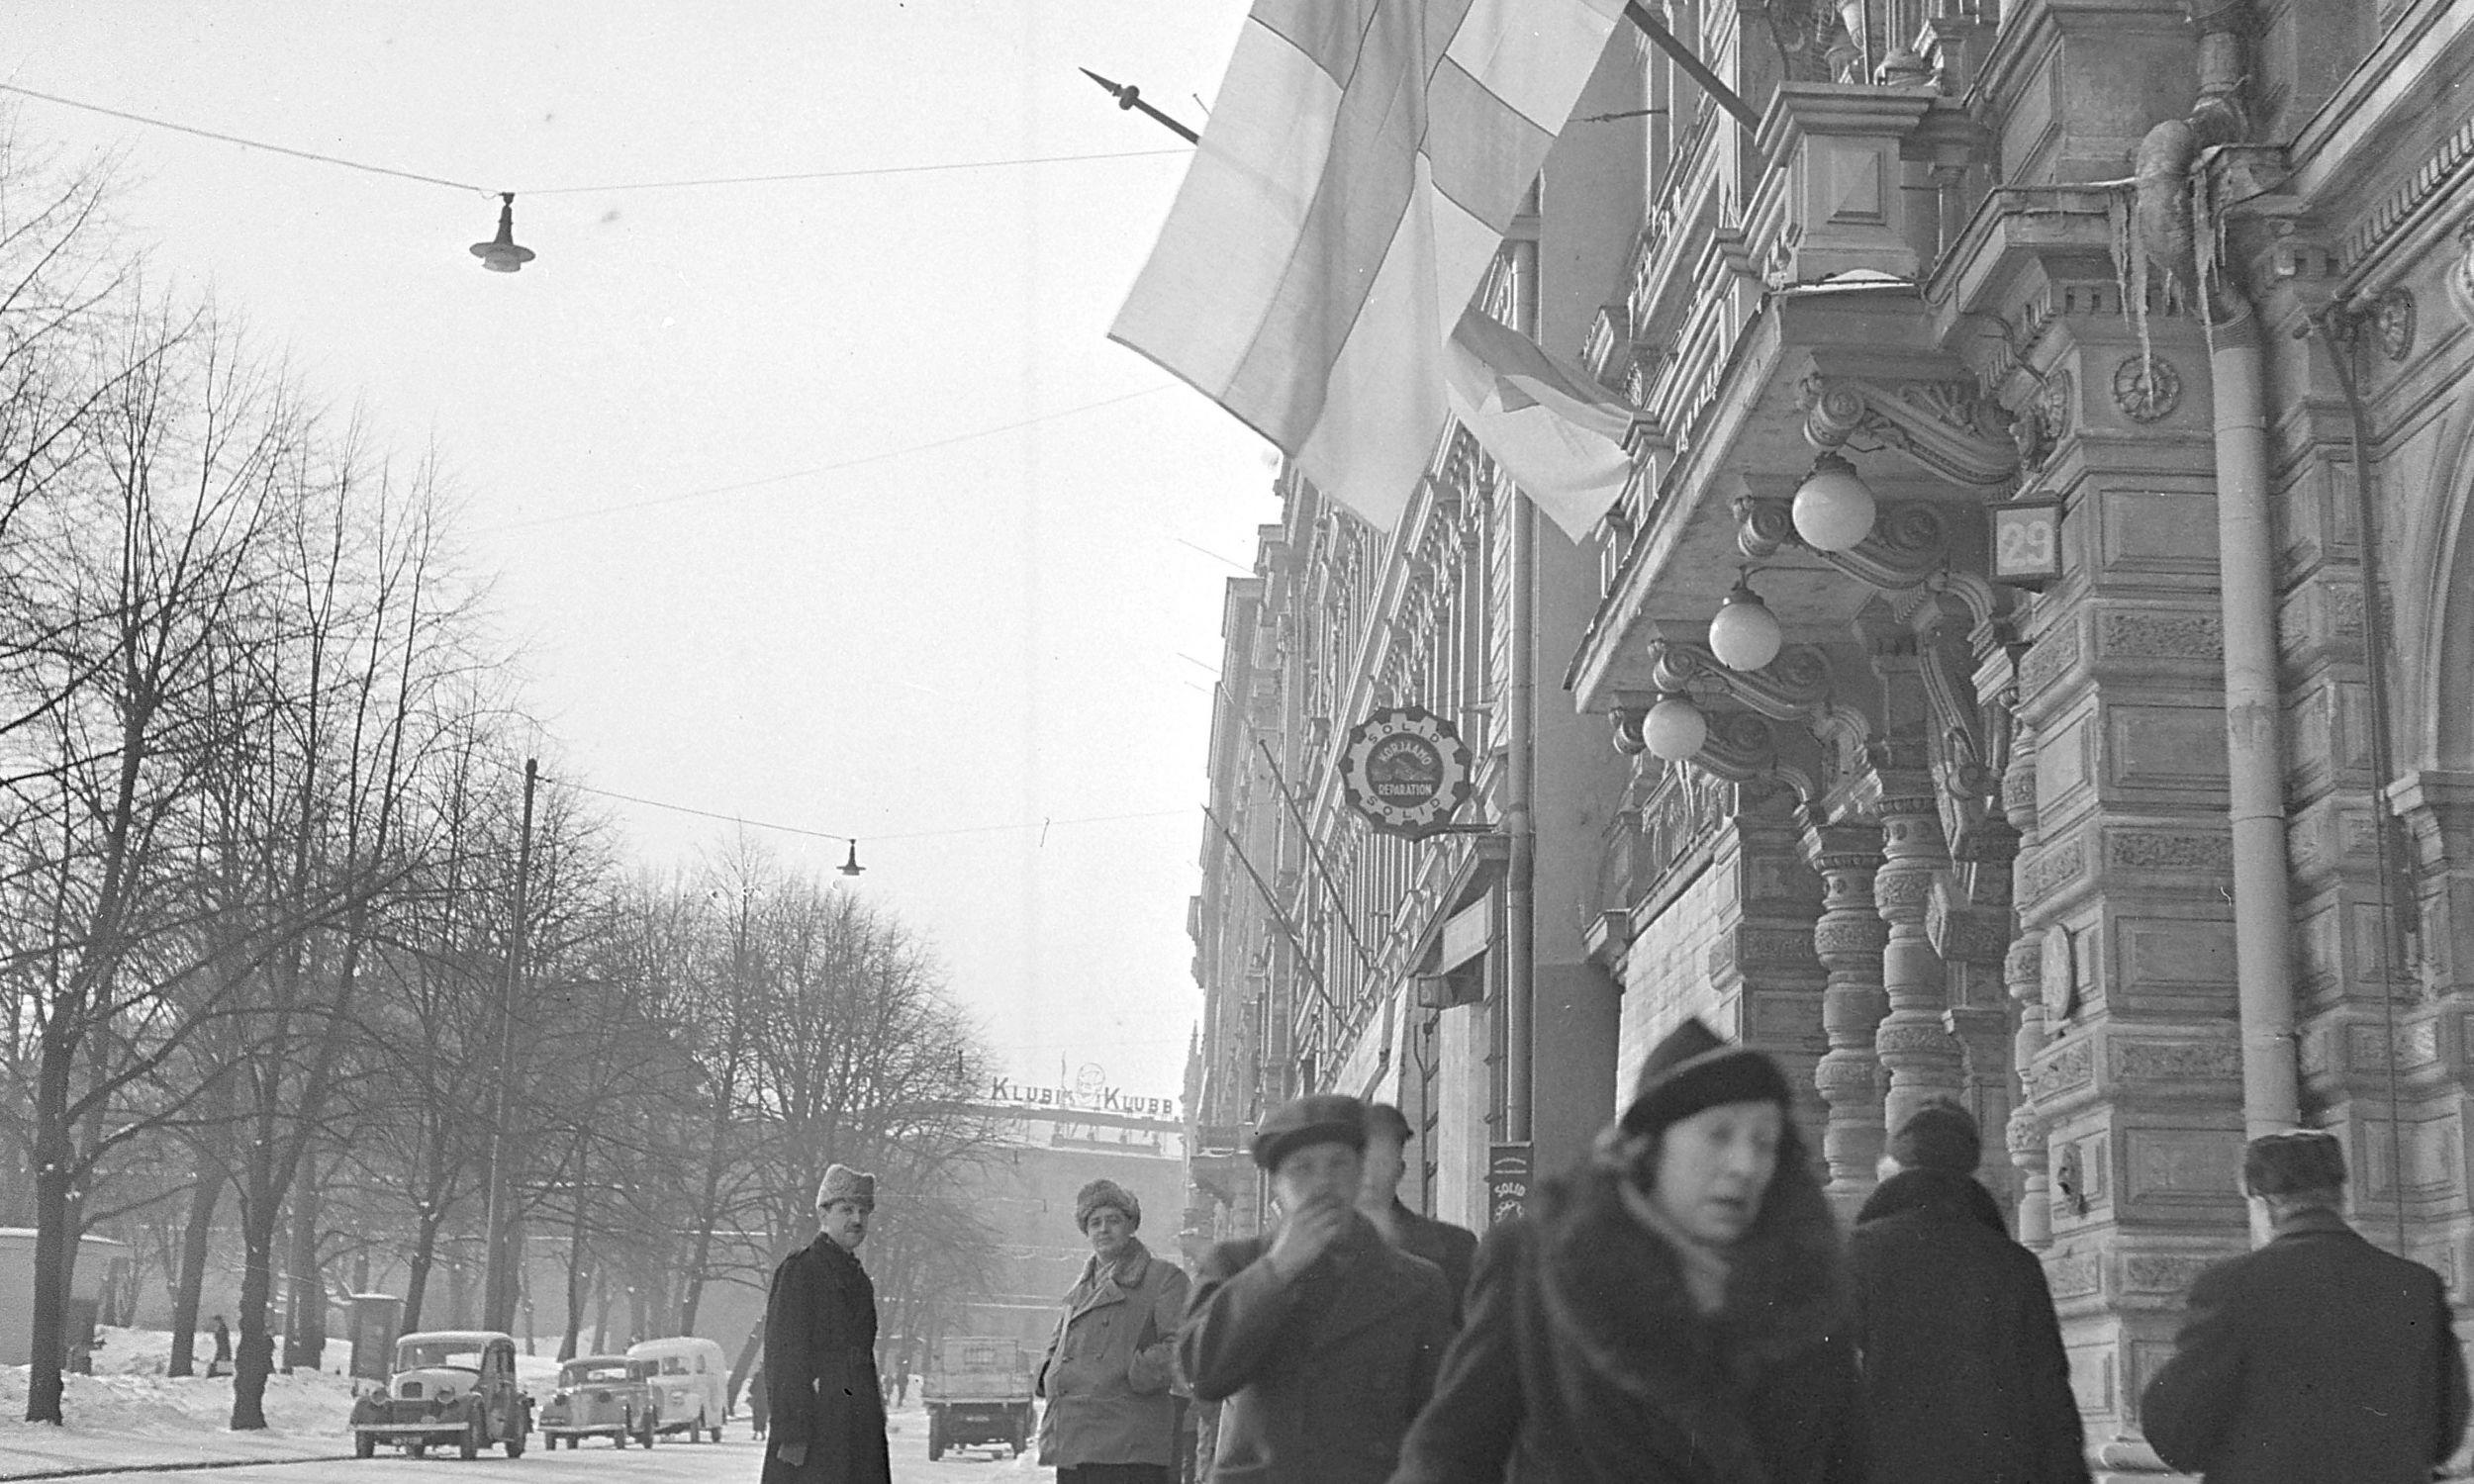 Flagi fińskie opuszczone do połowy masztu po ogłoszeniu warunków pokojowych. Helsinki, marzec 1940. Fot. Wikimedia Commons/https://www.finna.fi/Record/sa-kuva.sa-kuva-107696, Finnish Wartime Photograph Archive (SA-Kuva), Domena publiczna